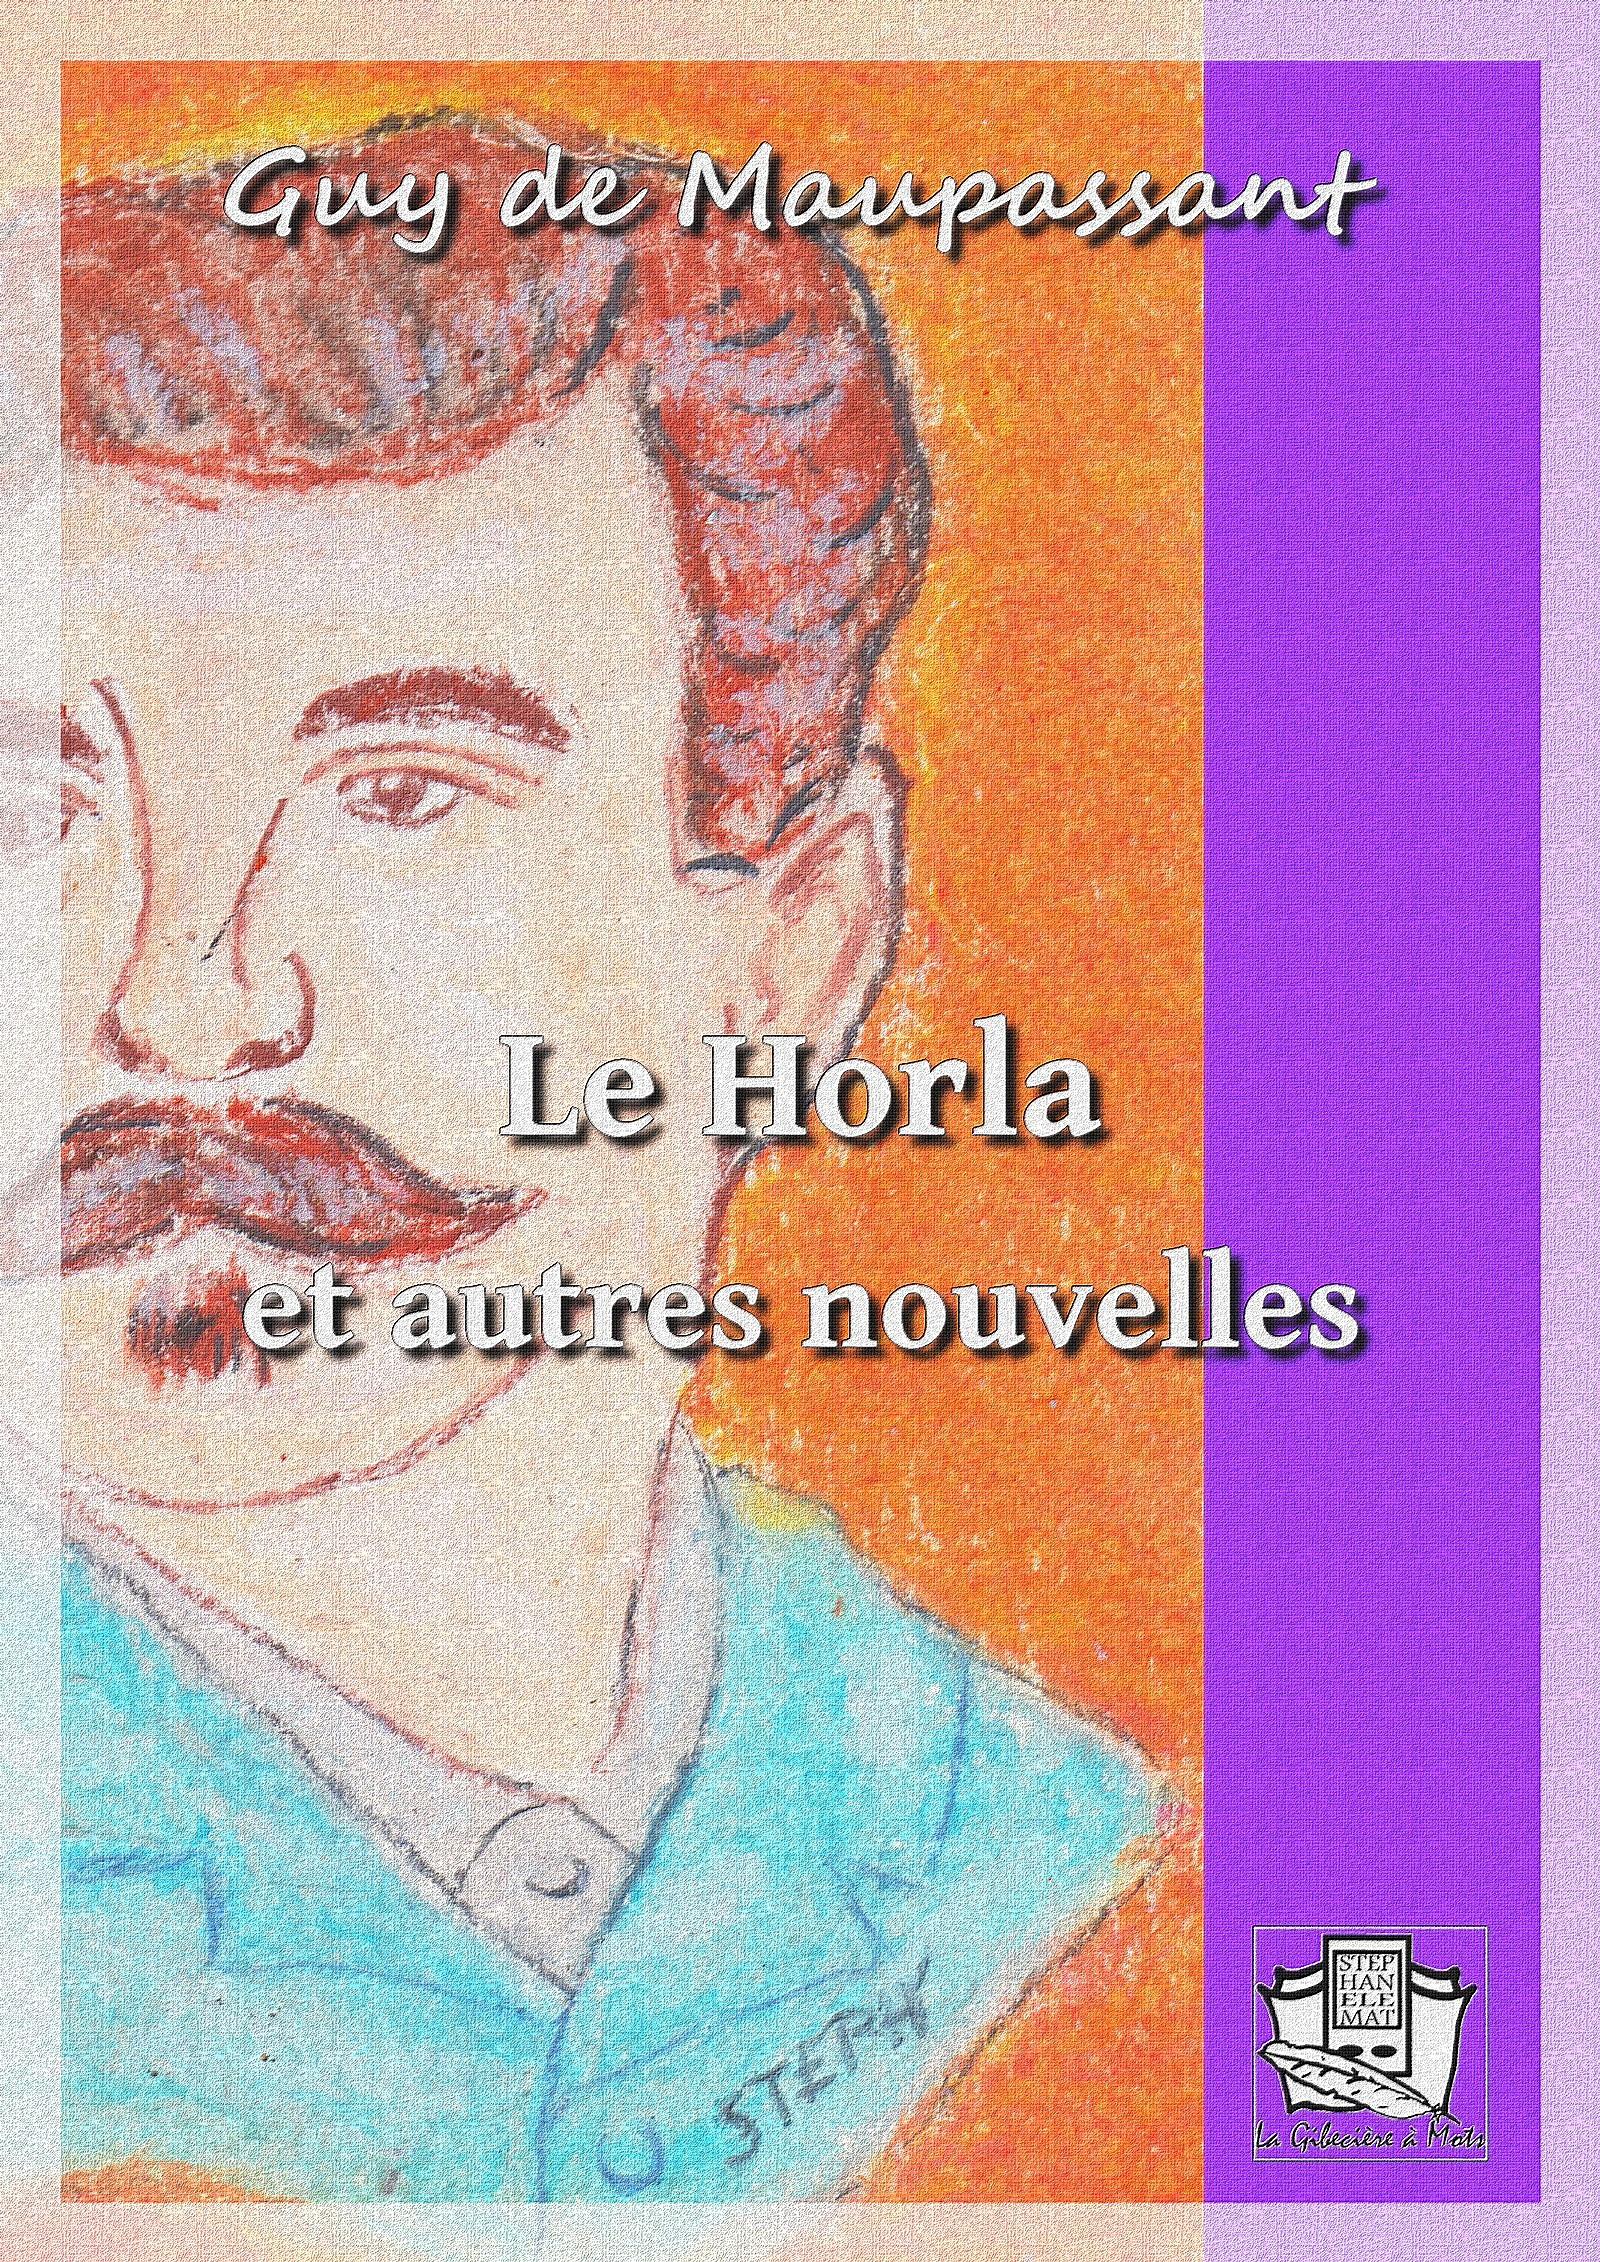 Le horla, ET 15 AUTRES NOUVELLES